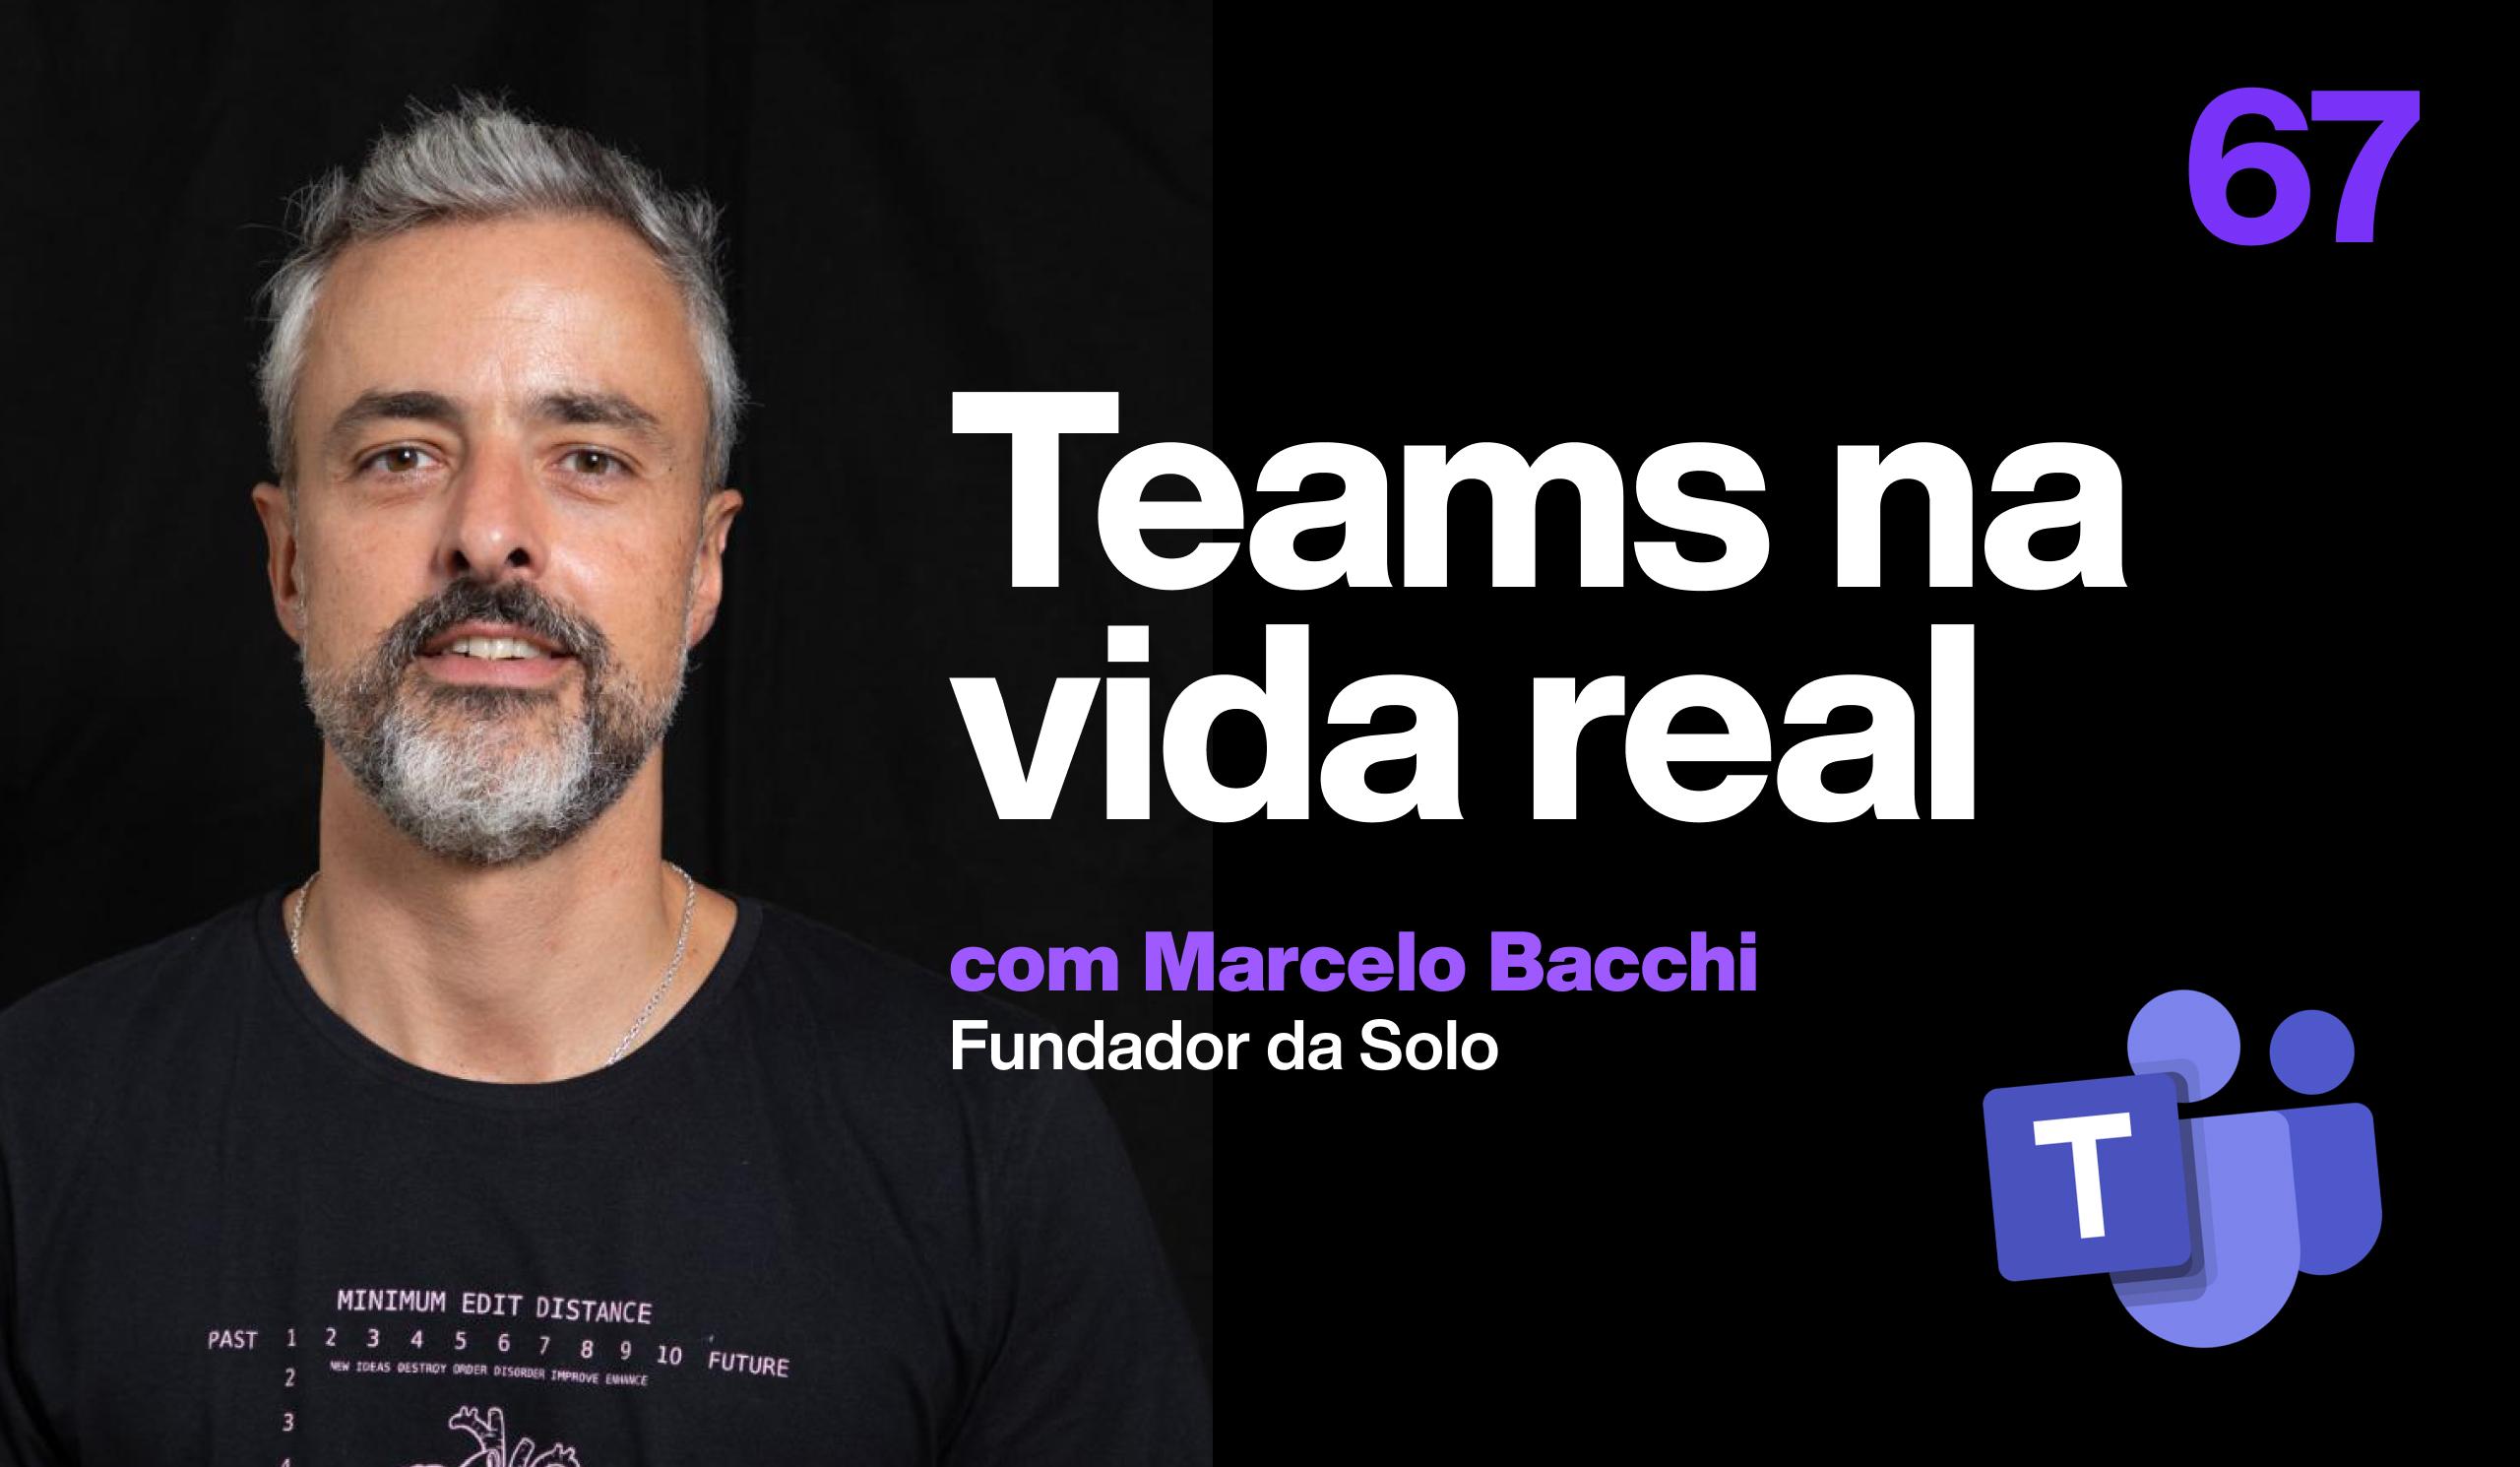 Microsoft Teams na vida real